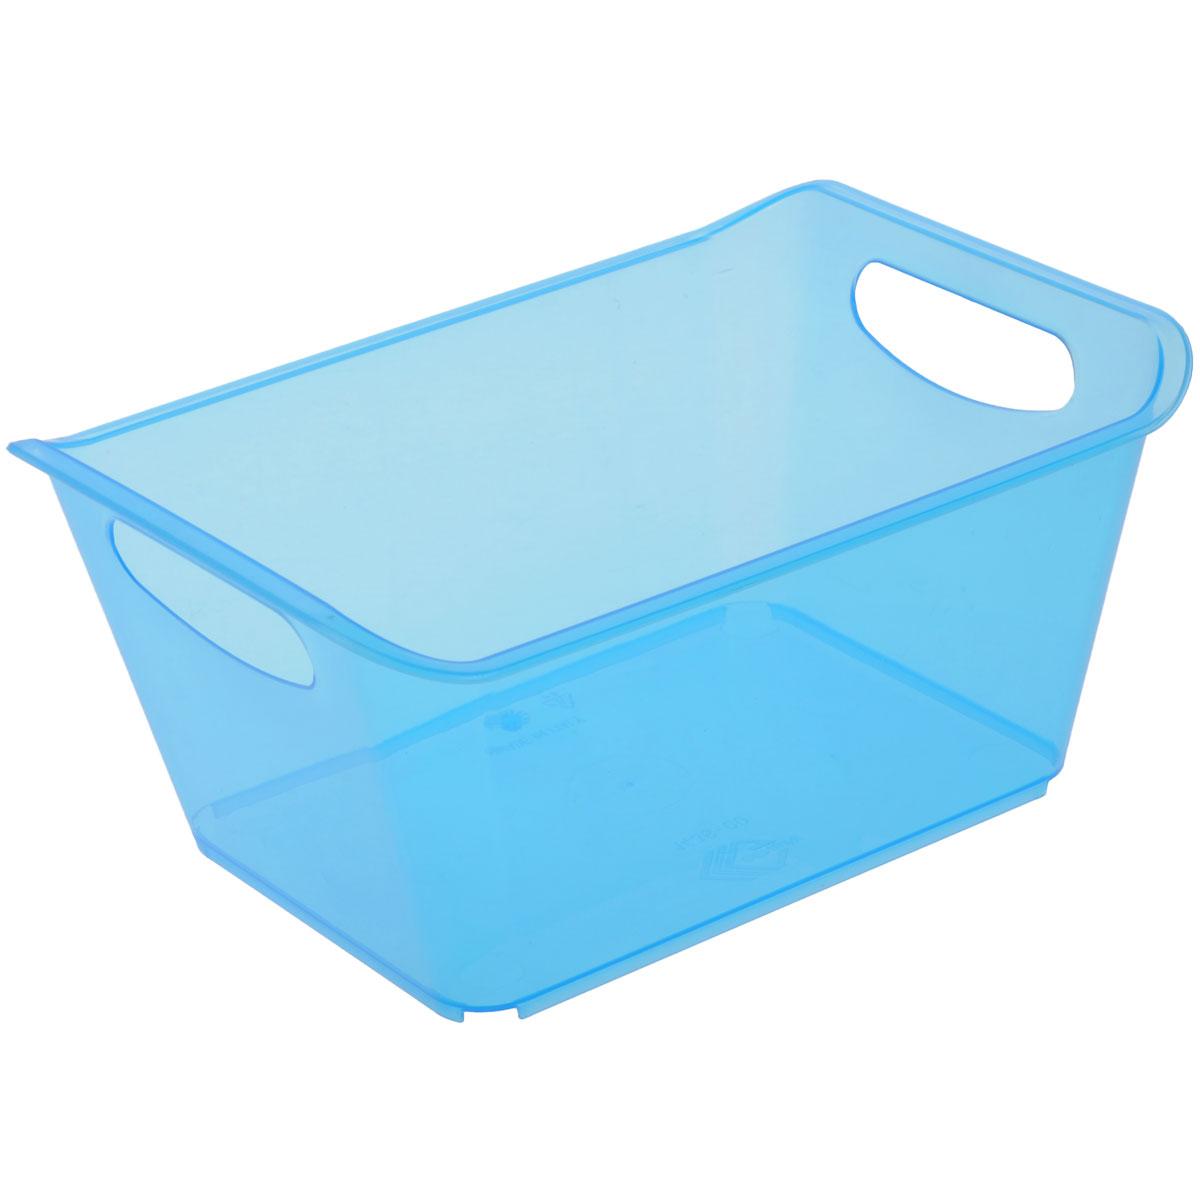 Контейнер Gensini, цвет: голубой, 1,5 л1004900000360Контейнер Gensini выполнен из прочного пластика. Он предназначен для хранения различных мелких вещей в ванной, на кухне, даче или гараже, исключая возможность их потери. По бокам контейнера предусмотрены две удобные ручки для его переноски.Контейнер поможет хранить все в одном месте, а также защитить вещи от пыли, грязи и влаги. Объем: 1,5 л.